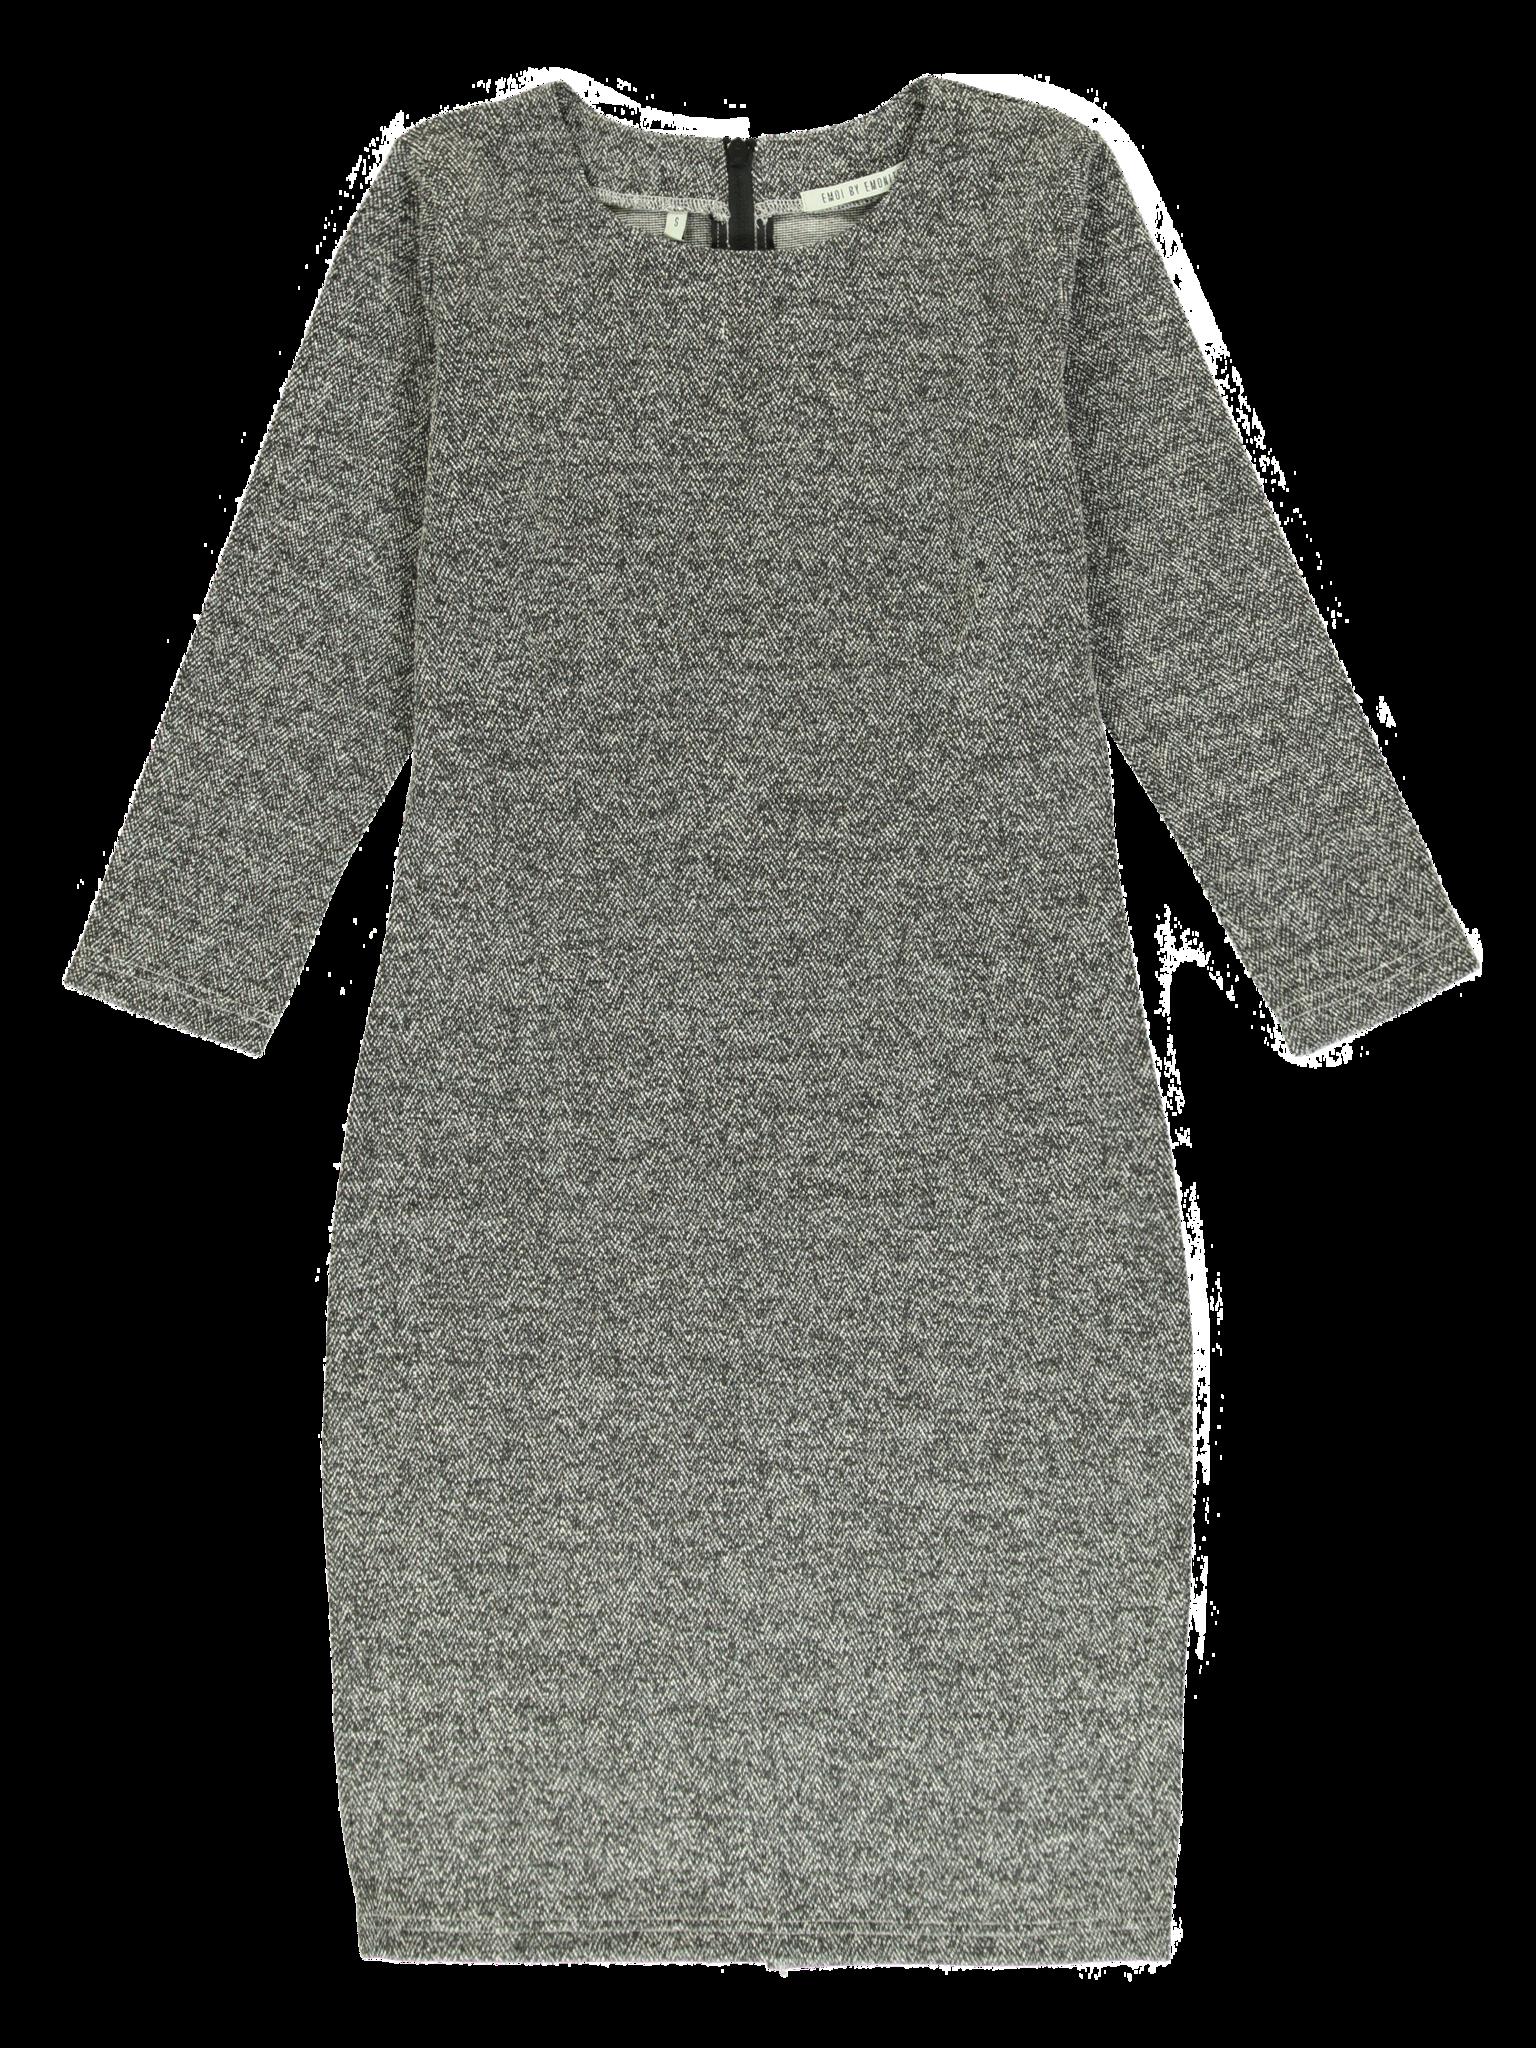 All Brands | Winterproducts Ladies | Dress | 10 pcs/box